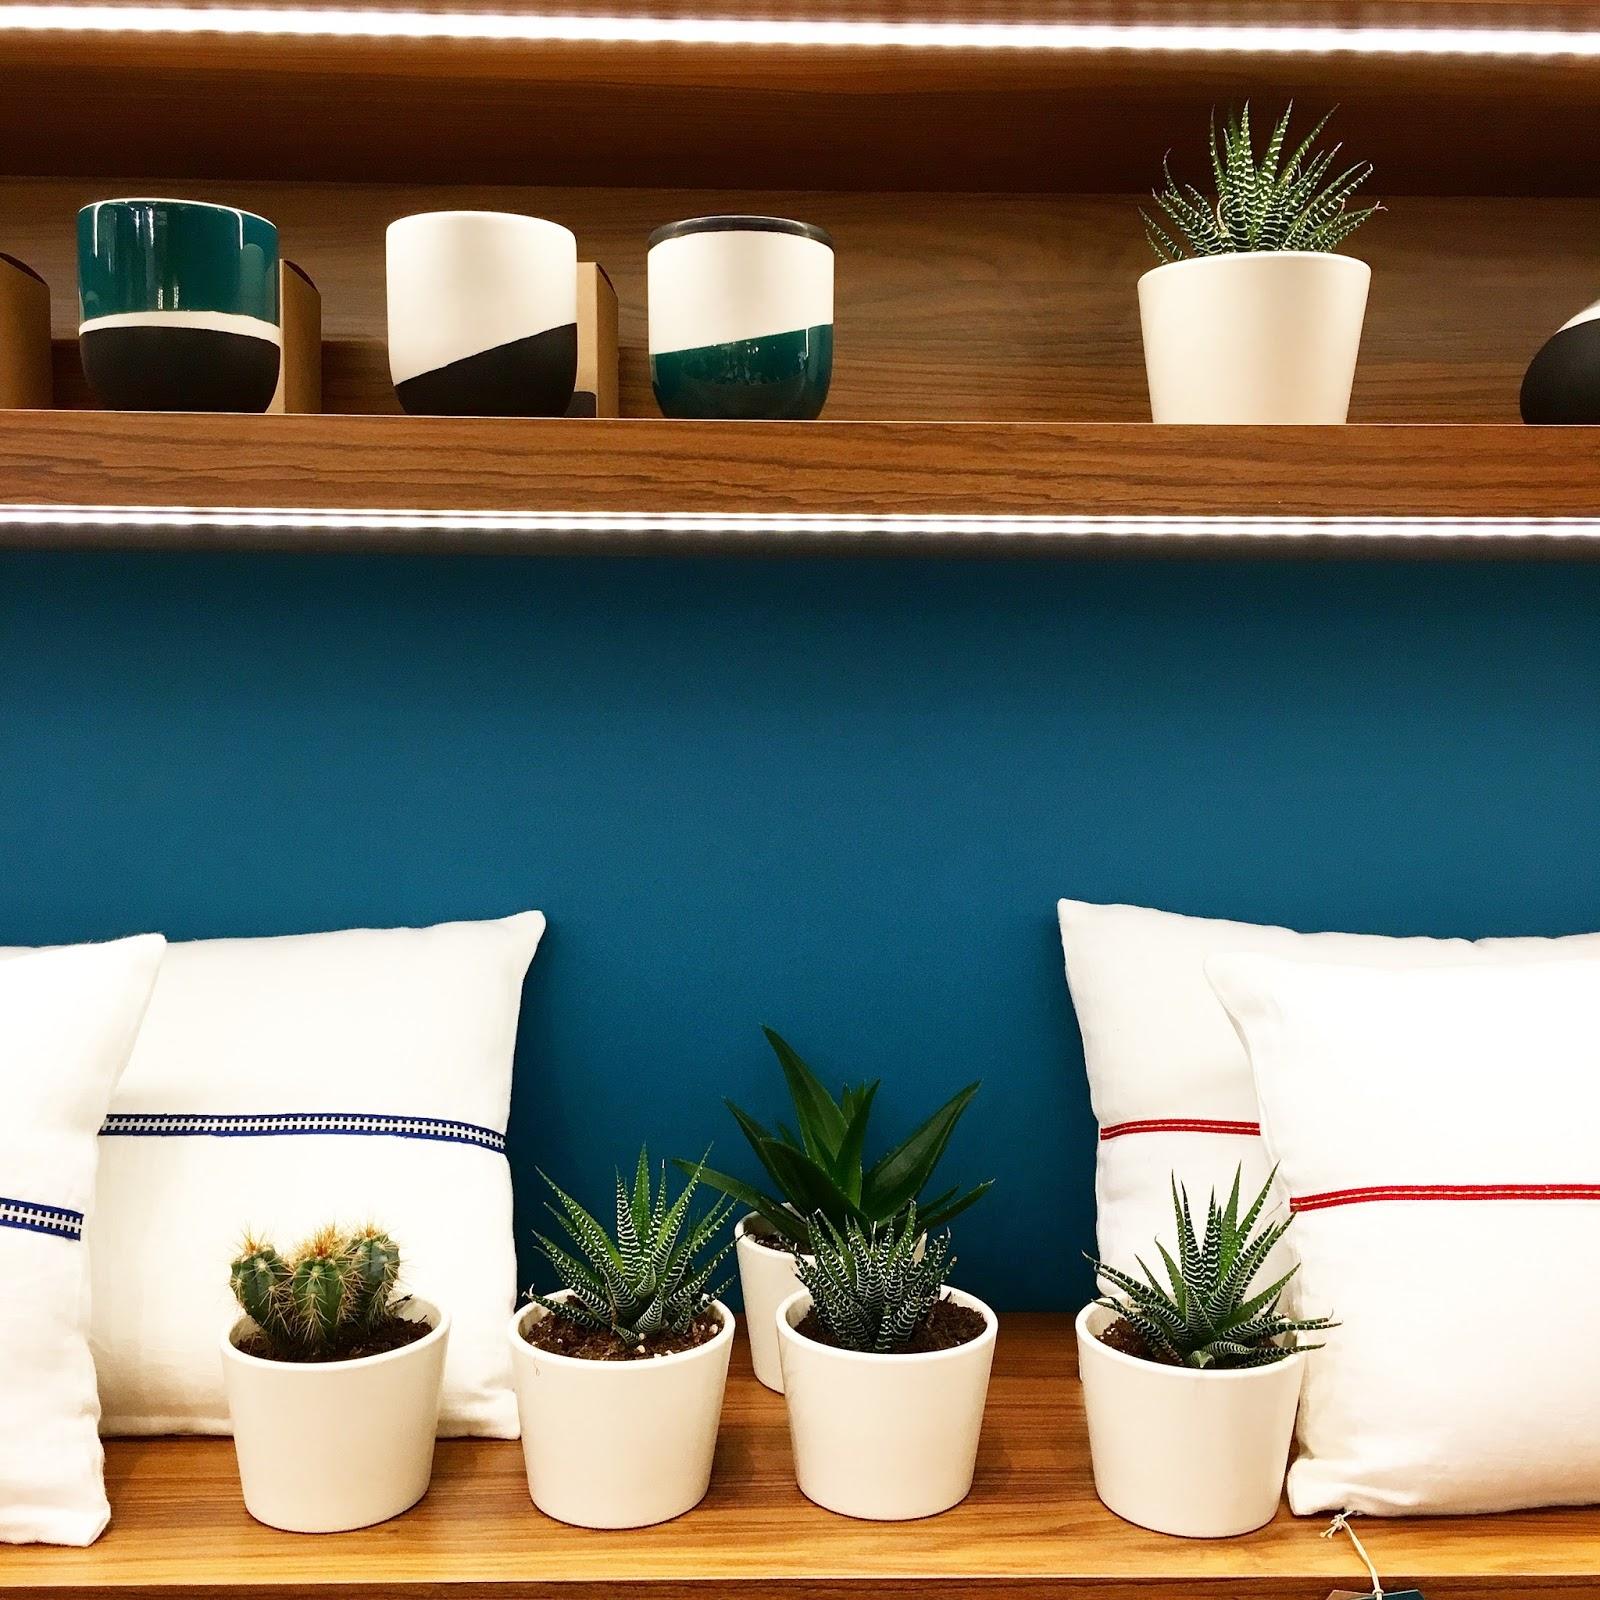 atelier rue verte le blog paris le printemps by maison sarah lavoine. Black Bedroom Furniture Sets. Home Design Ideas